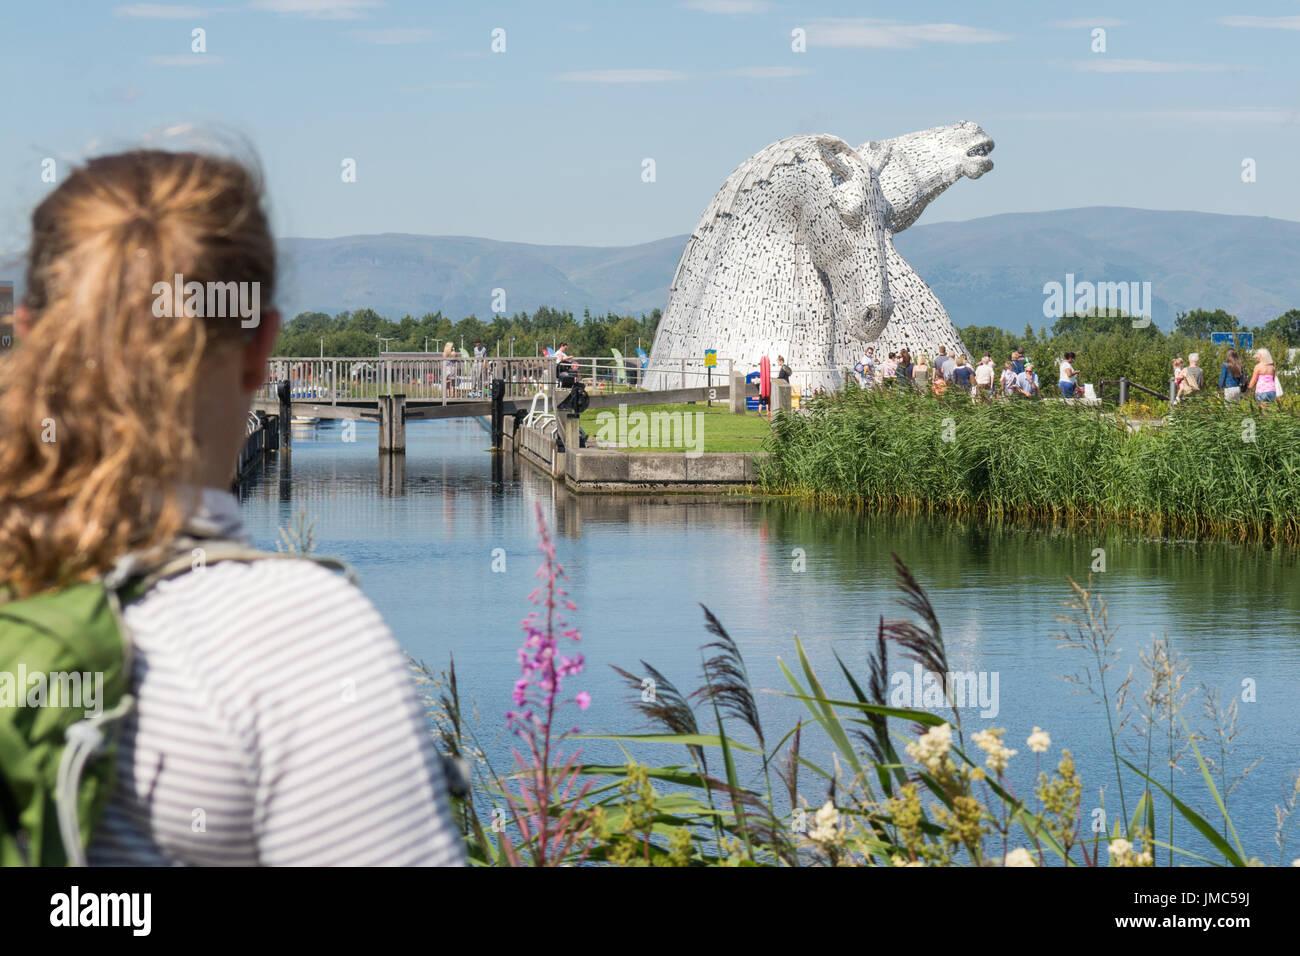 Die Kelpies, Helix, Falkirk, Schottland Stockbild